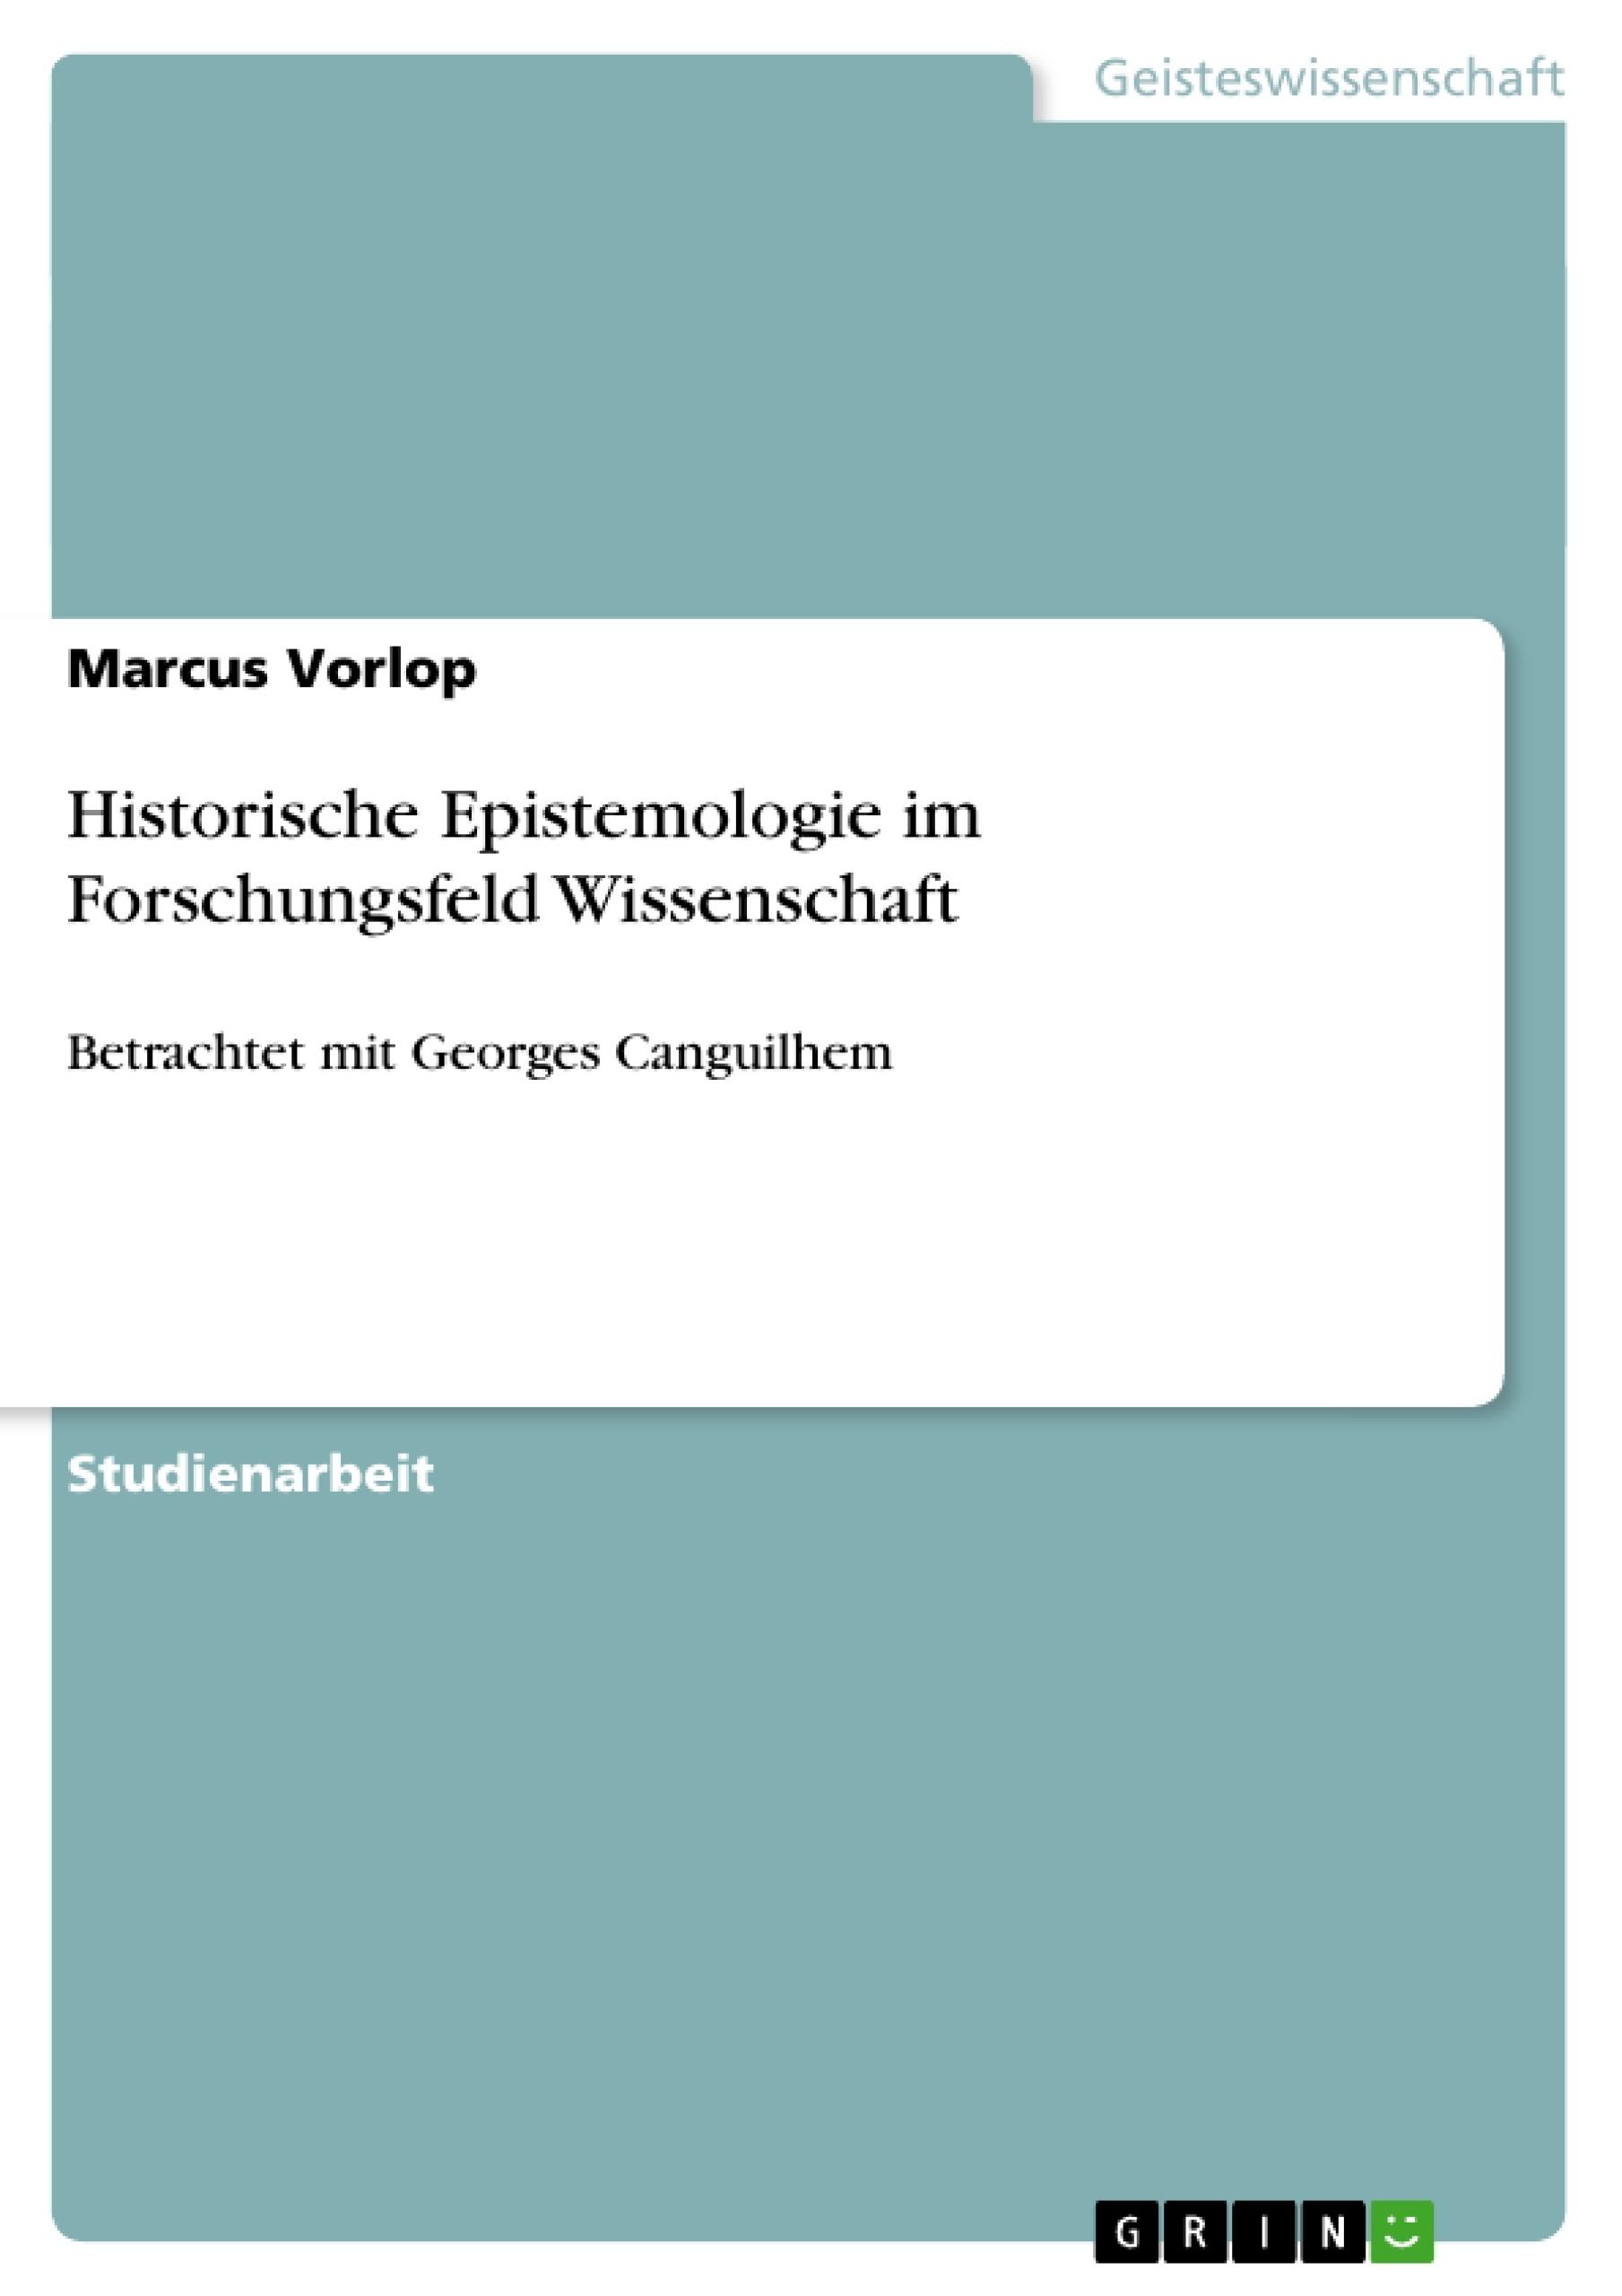 Titel: Historische Epistemologie im Forschungsfeld Wissenschaft